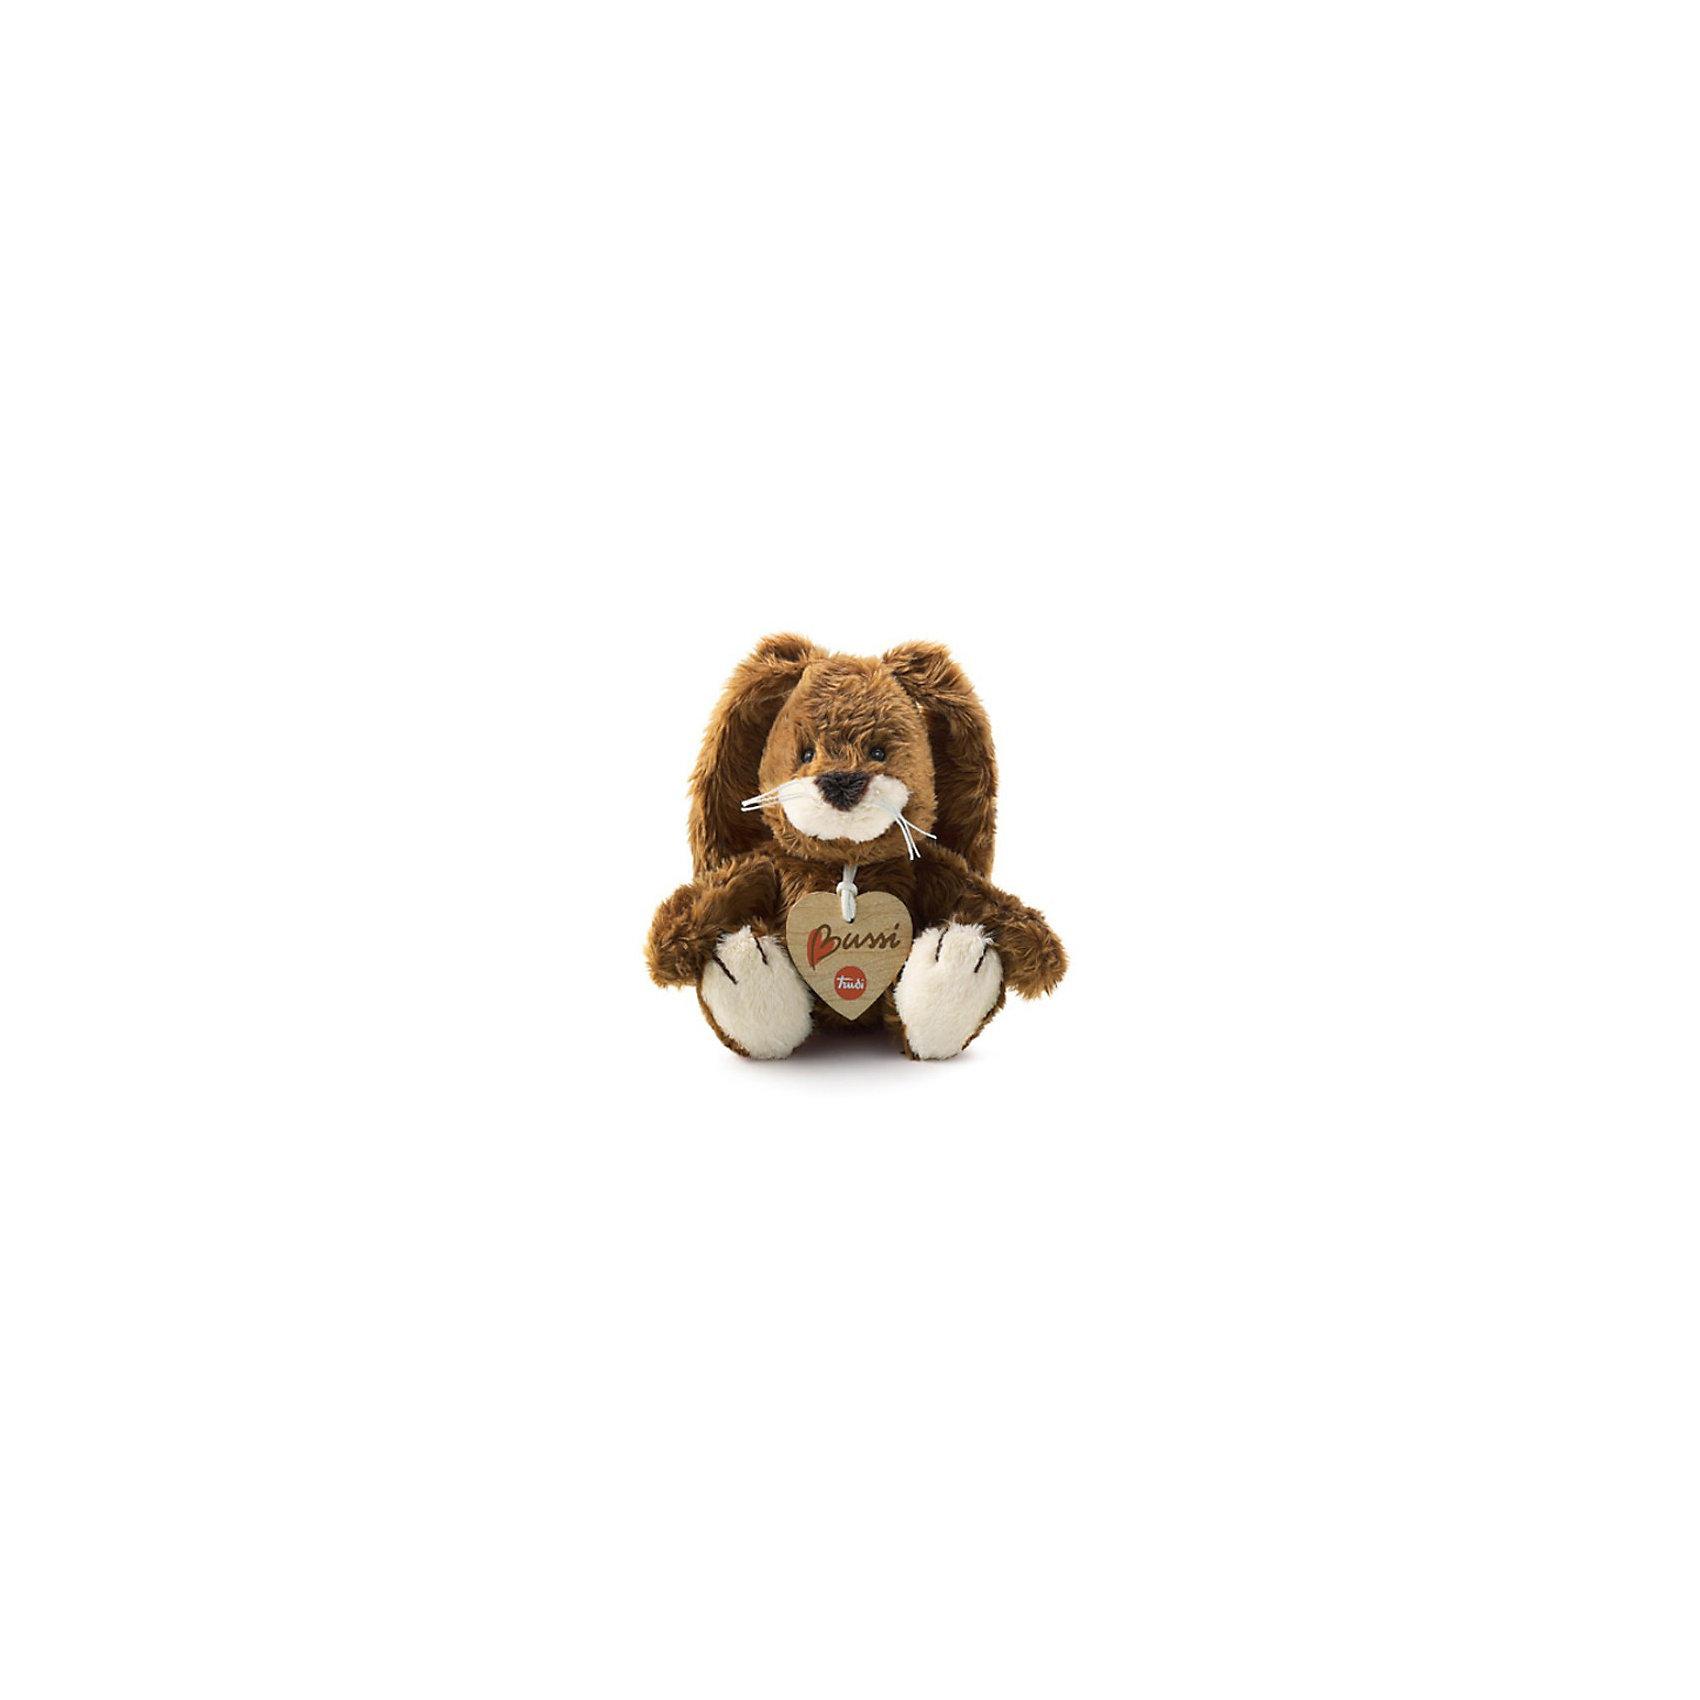 Trudi Коричневый зайчик, 16 смЗамечательный  мягкий Коричневый зайчик станет другом вашему малышу. Невероятно мягкая на ощупь игрушка подарит вам и  вашему ребенку свою нежность и утешит в грустную минуту. Достаточно крепко прижать зайчика к себе, и вы и  ваш ребенок почувствуете все тепло и заботу, с которыми создана эта игрушка.<br><br>Ширина мм: 100<br>Глубина мм: 150<br>Высота мм: 190<br>Вес г: 250<br>Возраст от месяцев: 24<br>Возраст до месяцев: 120<br>Пол: Унисекс<br>Возраст: Детский<br>SKU: 2248684